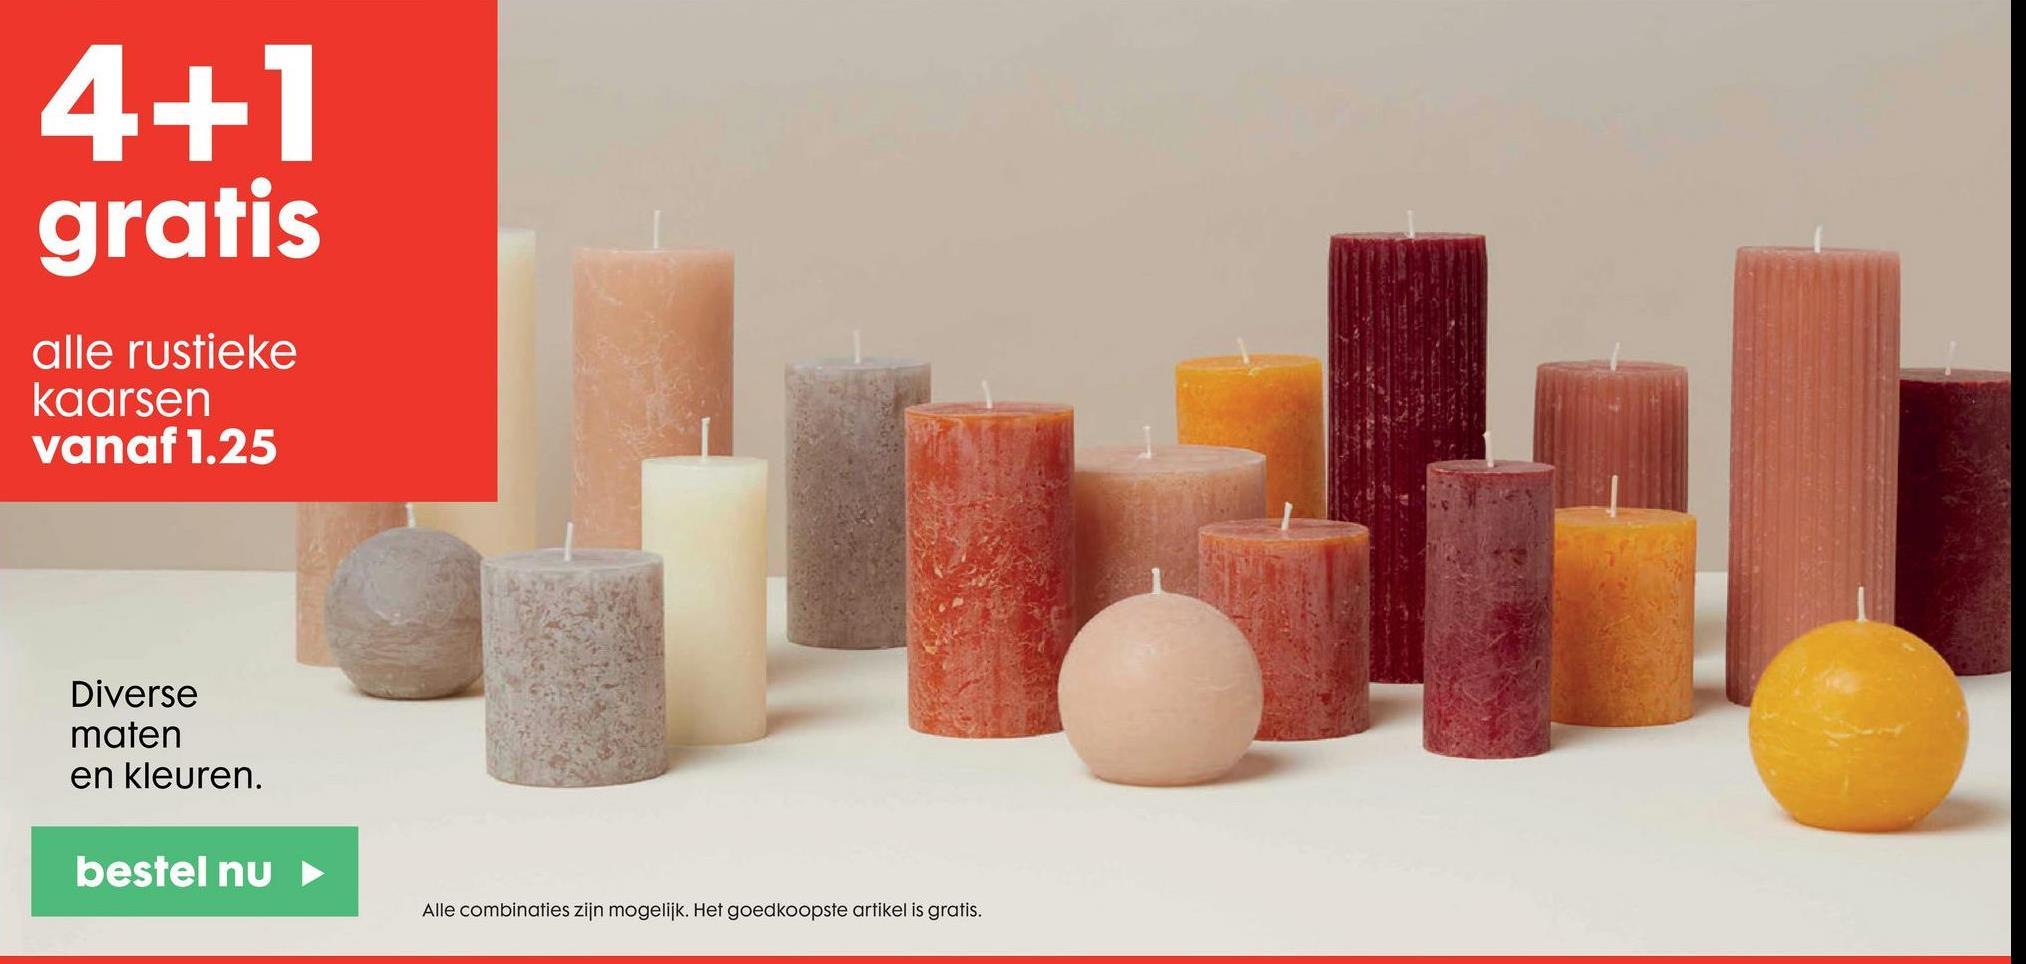 4+1 gratis alle rustieke kaarsen vanaf 1.25 Diverse maten en kleuren. bestel nu Alle combinaties zijn mogelijk. Het goedkoopste artikel is gratis.